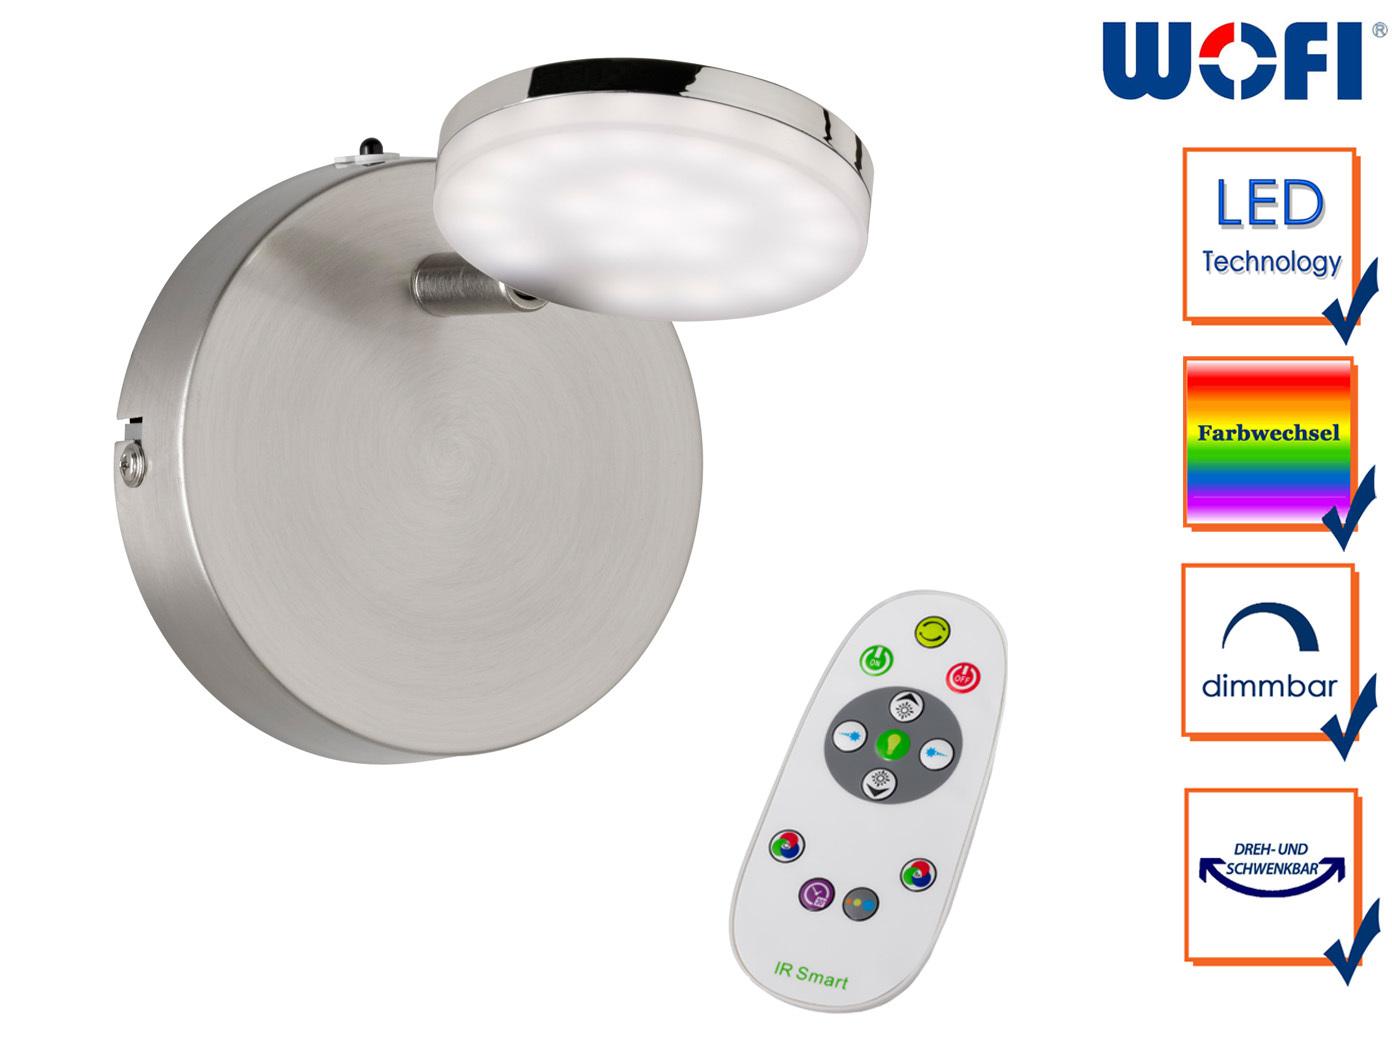 LED Wandleuchte Spot Fernbedienung dimmbar Farbwechsel Nachtlicht, Wandstrahler